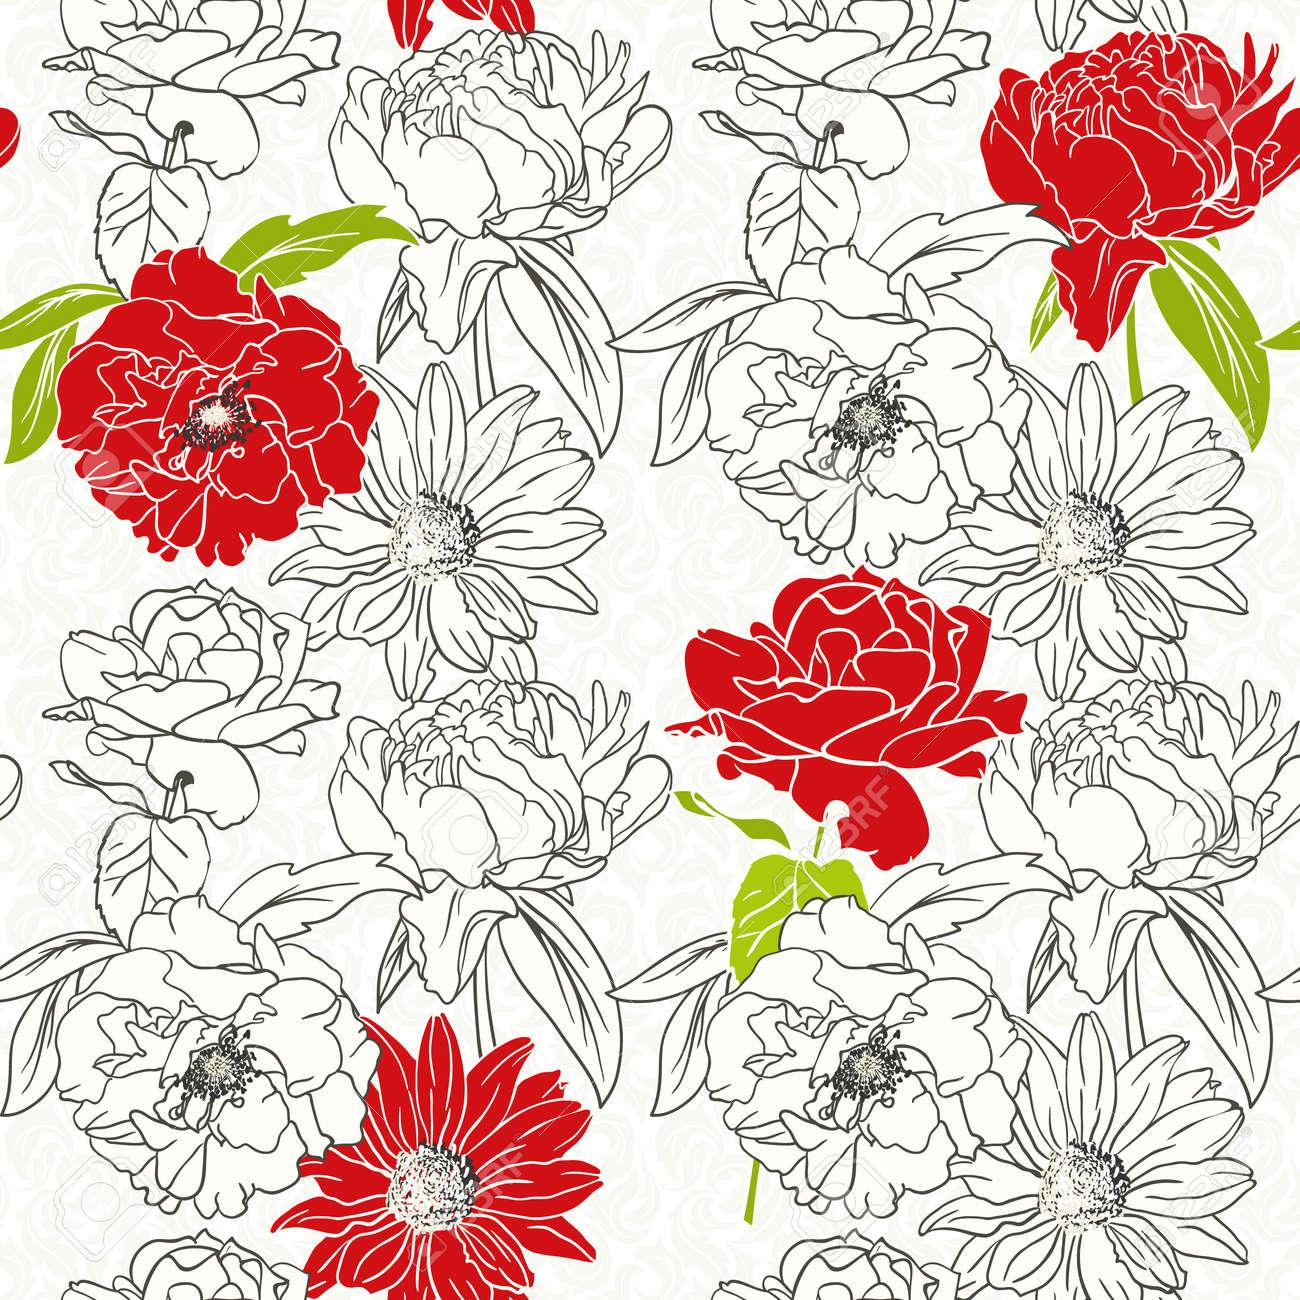 Modelo Inconsutil Floral Con Flores Rojas En Fondo Blanco Y Negro